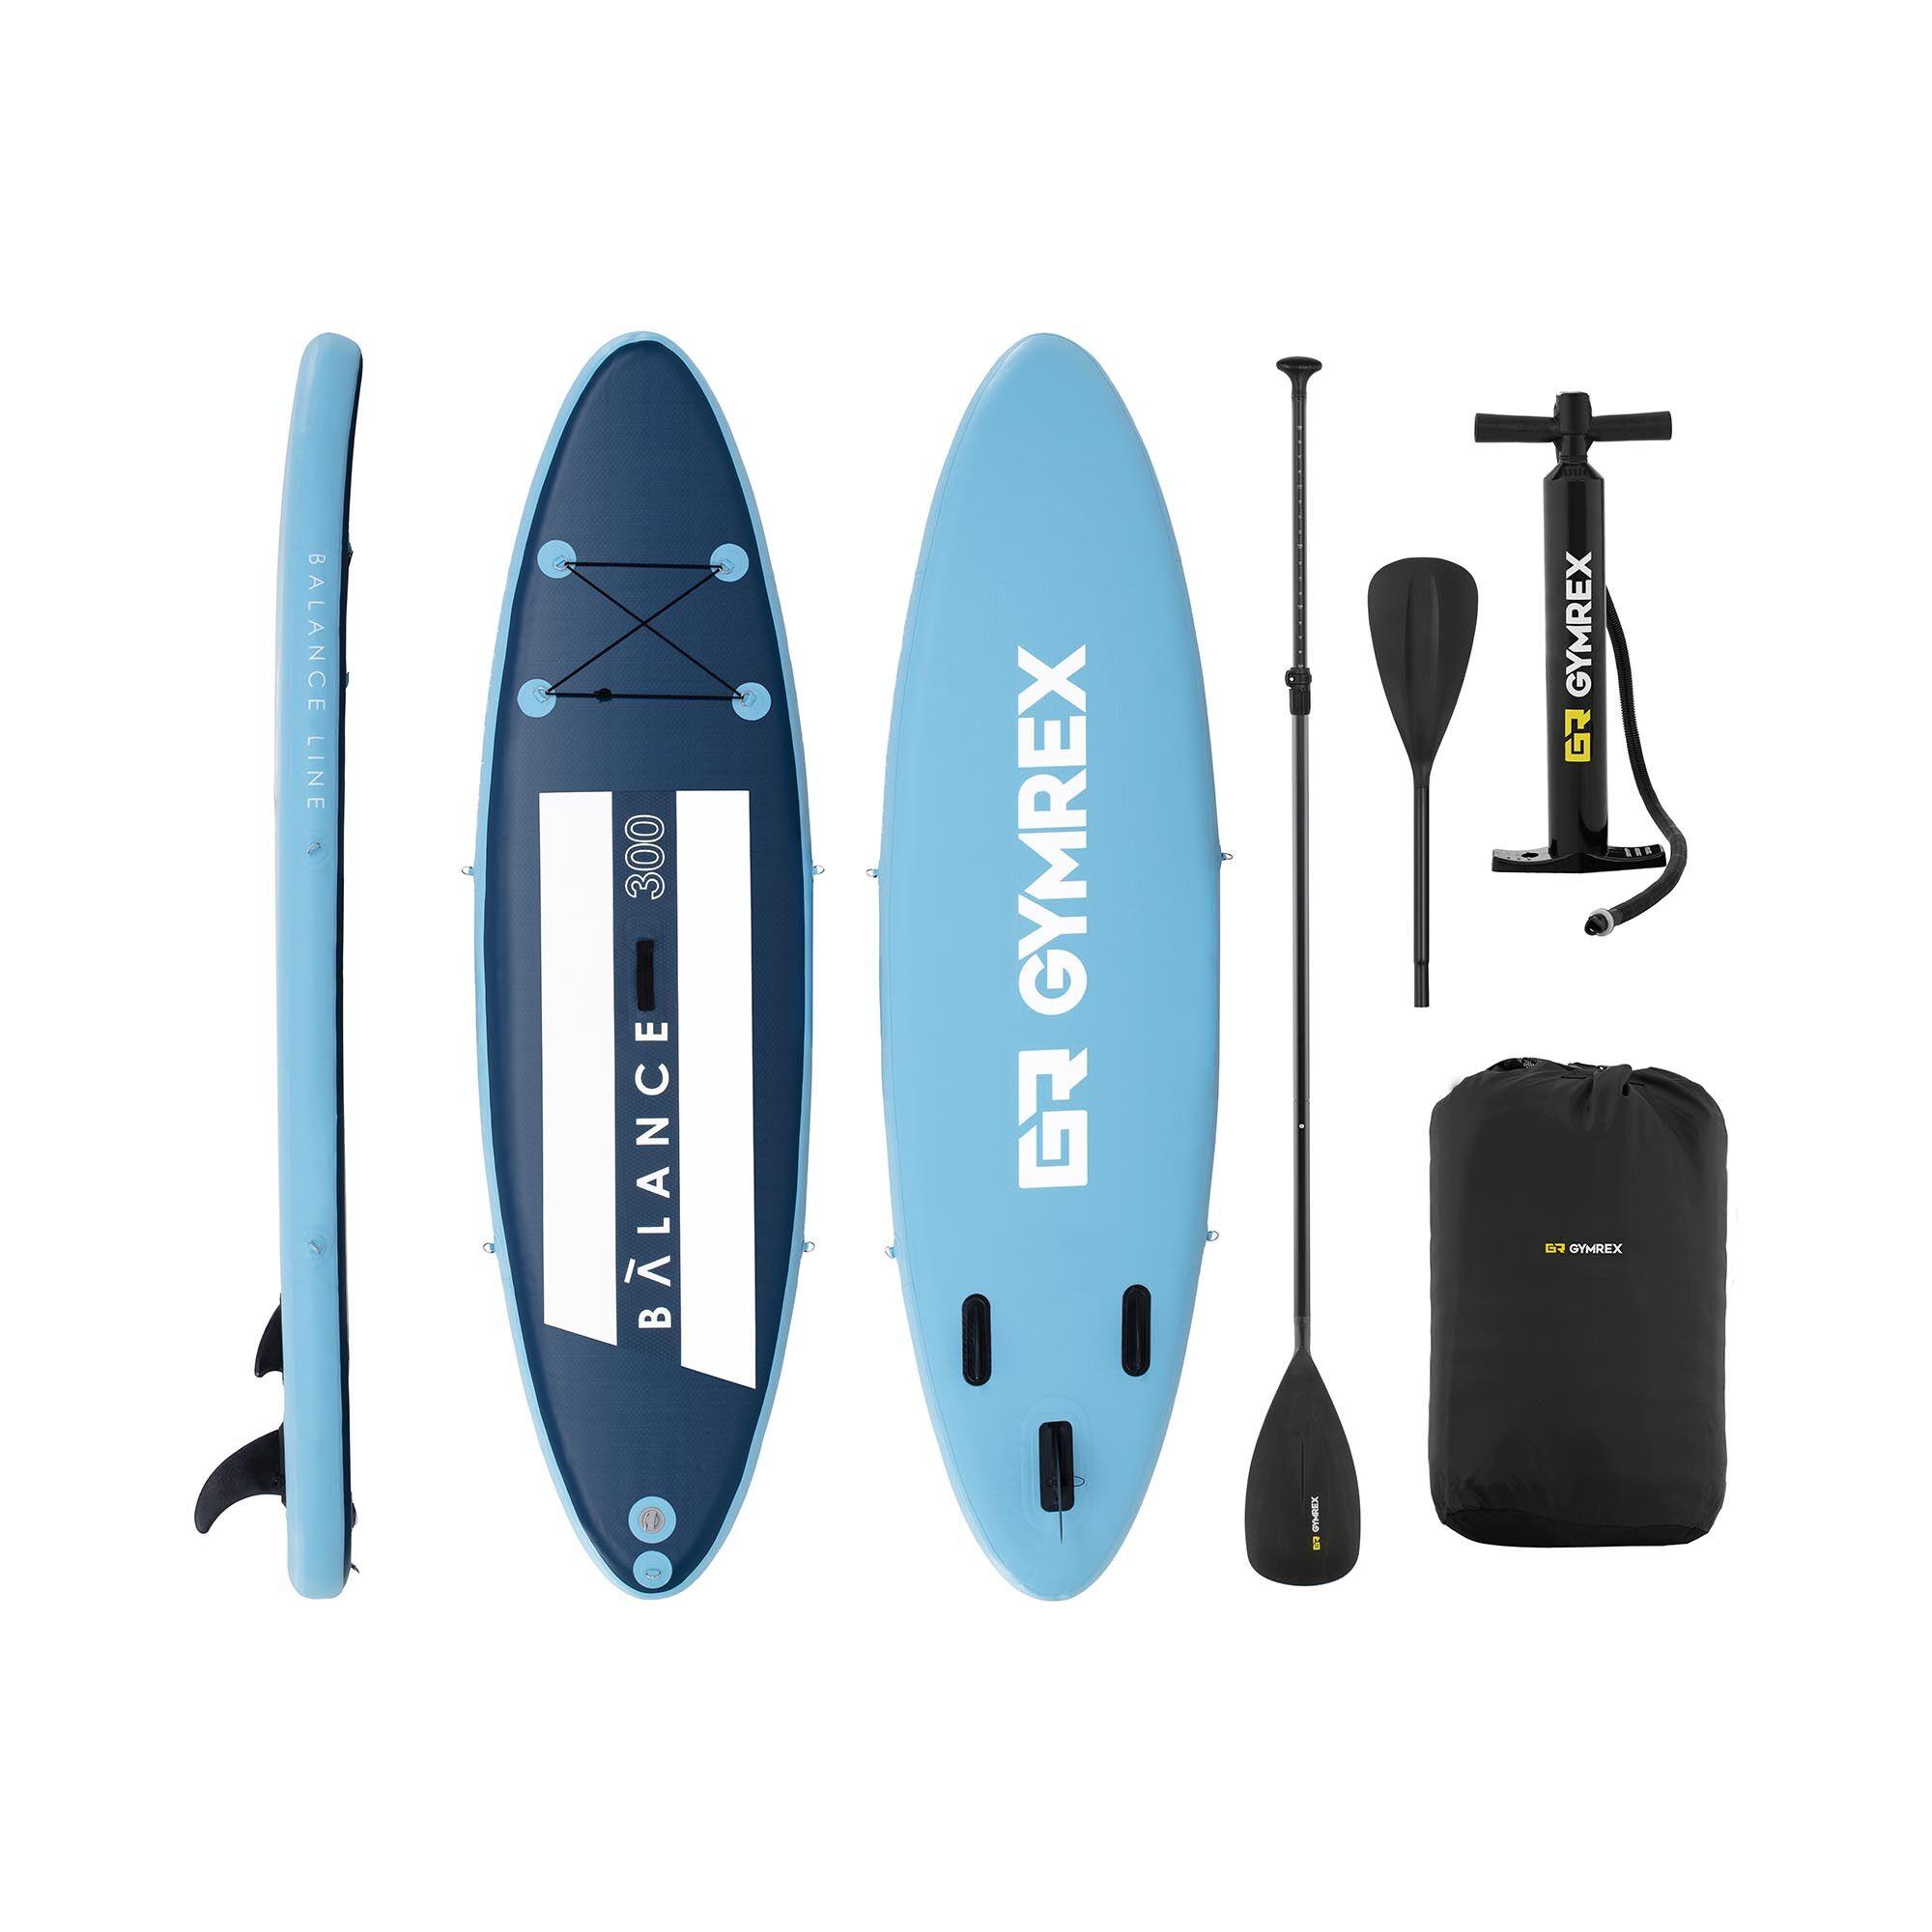 Gymrex Paddle-board - 135 kg - blå/marineblå - sæt inkl. paddel og tilbehør GR-SPB300